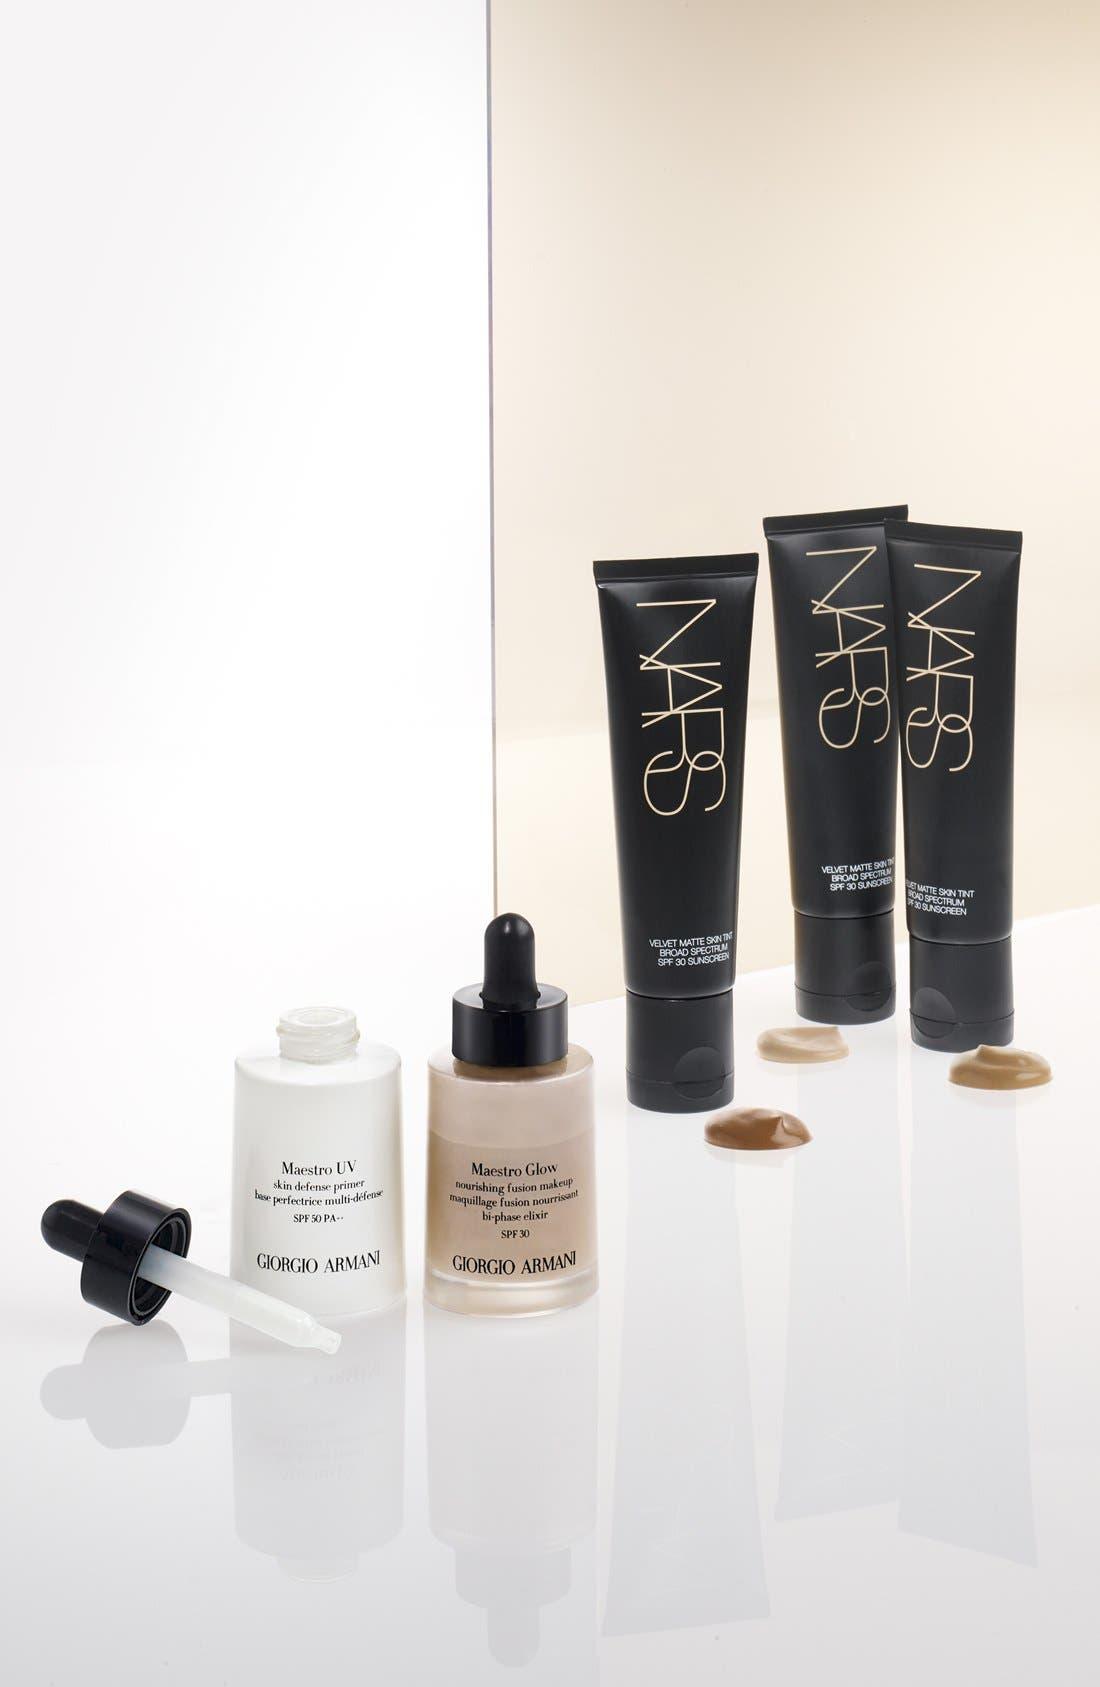 GIORGIO ARMANI,                             Maestro UV Skin Defense Primer Sunscreen SPF 50,                             Alternate thumbnail 3, color,                             NO COLOR